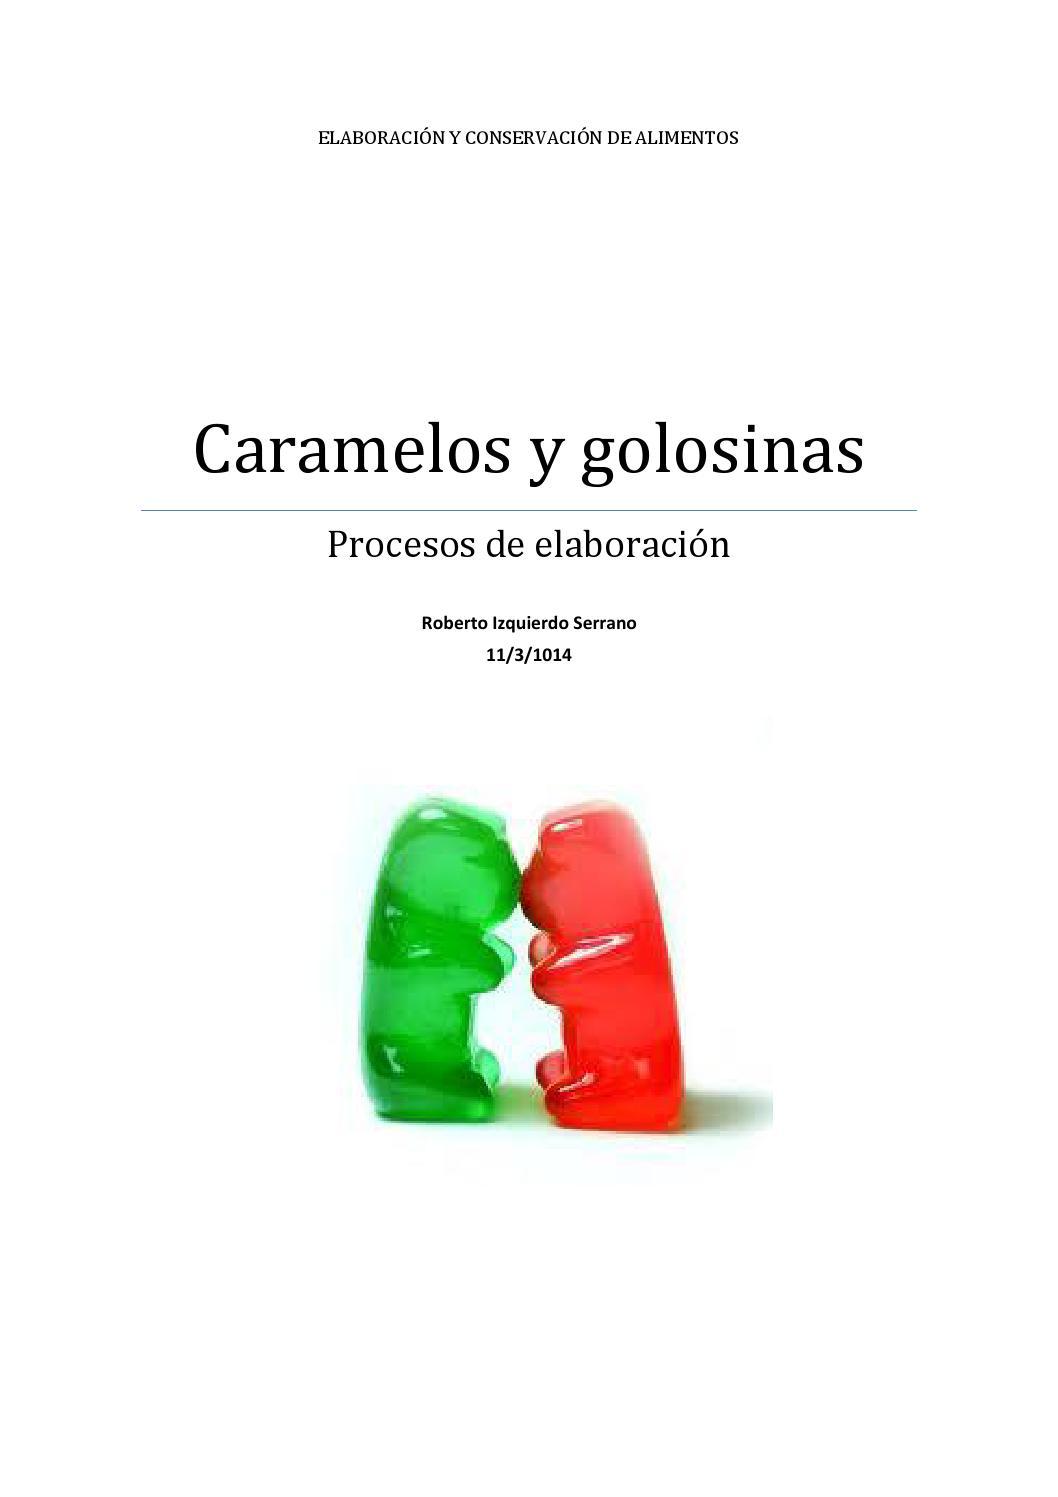 0elaboracion de caramelos y golosinas by marina gutiérrez garcía